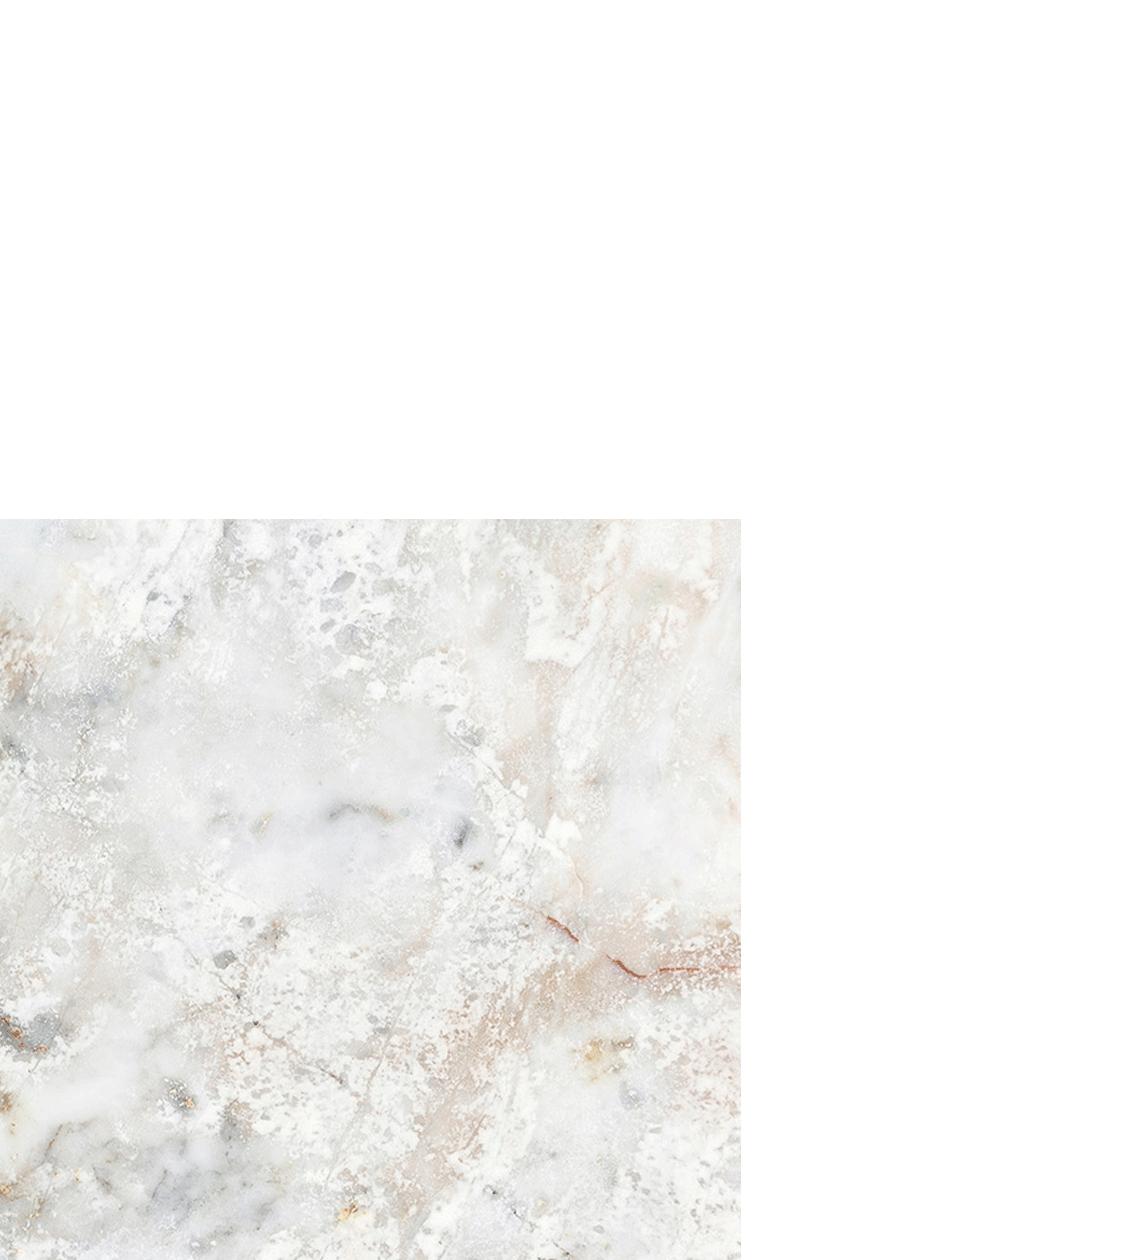 Hintergrund_für_Bild_v7